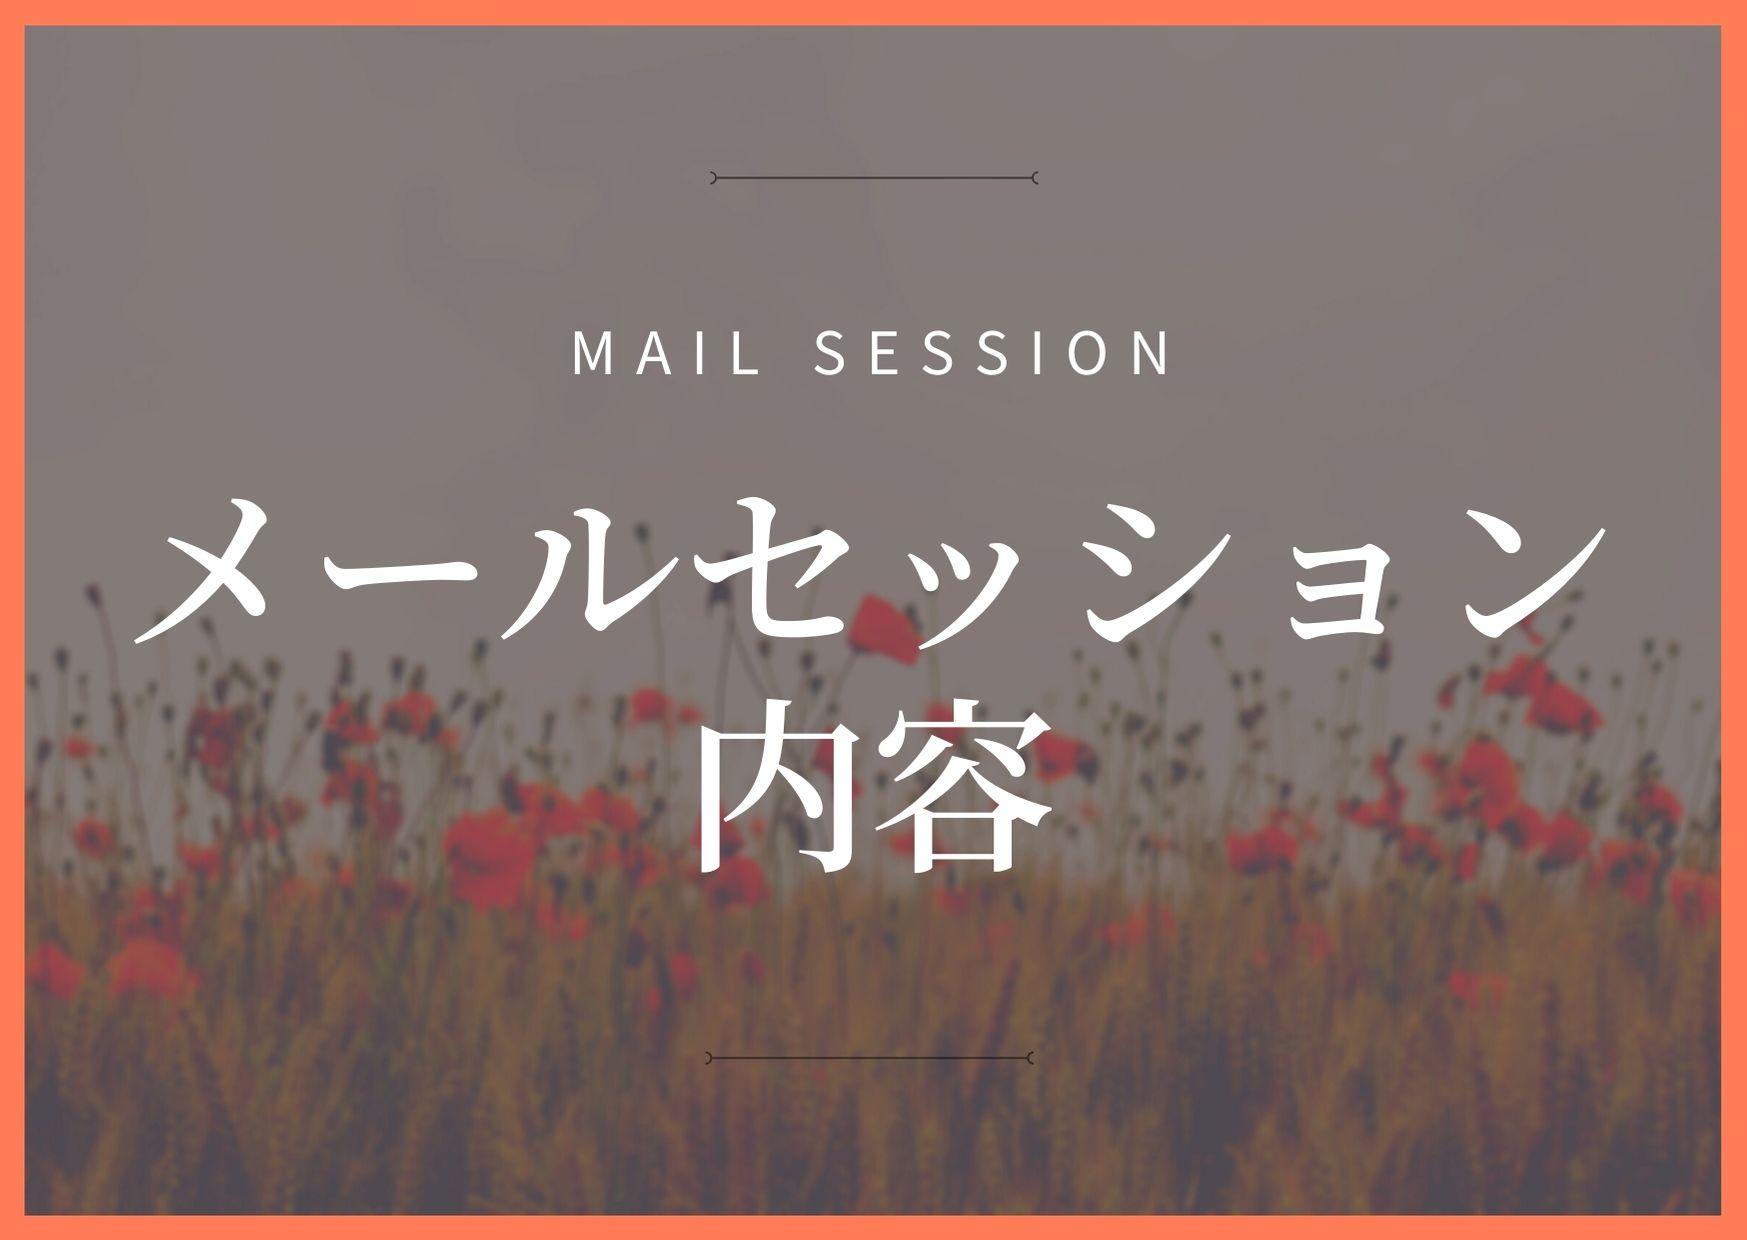 メールセッション内容